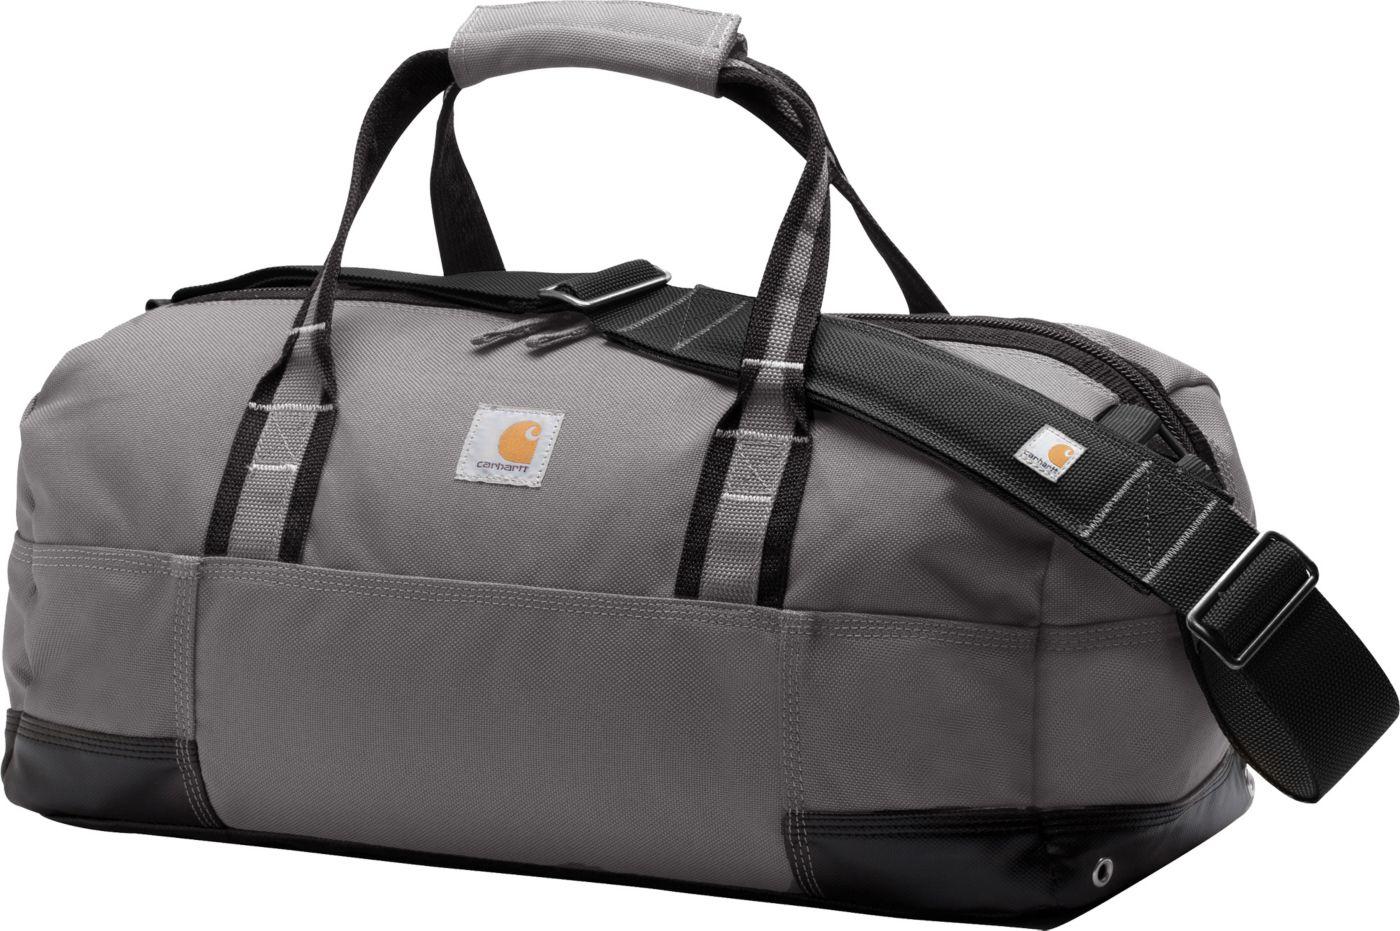 Carhartt Legacy 20'' Gear Bag